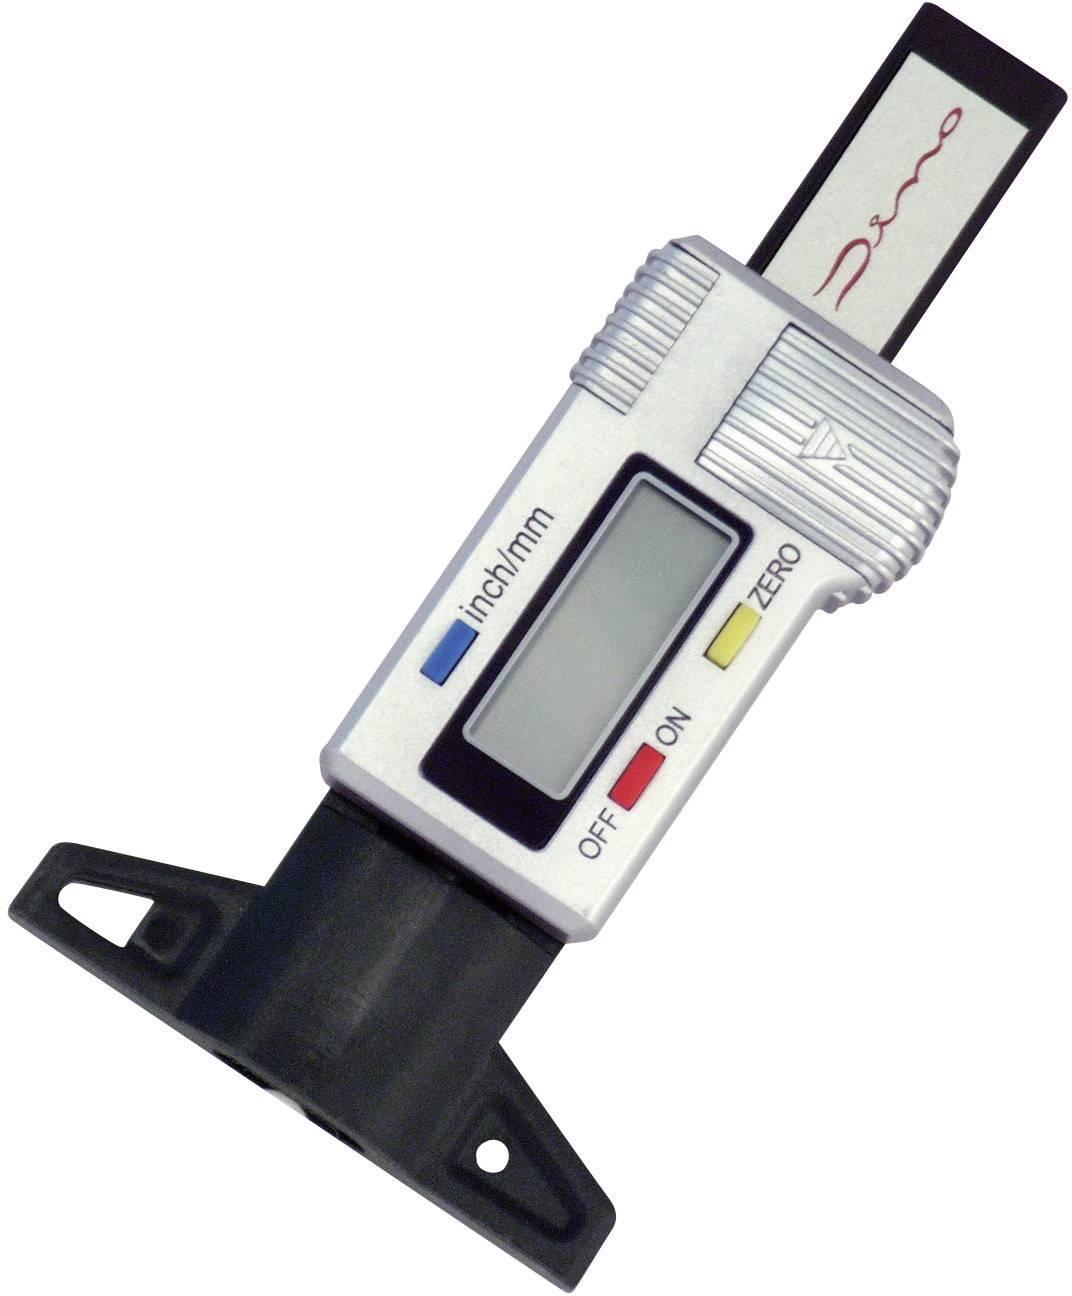 Digitálne meradlo hĺbky dezénu pneumatiky Dino, 130005